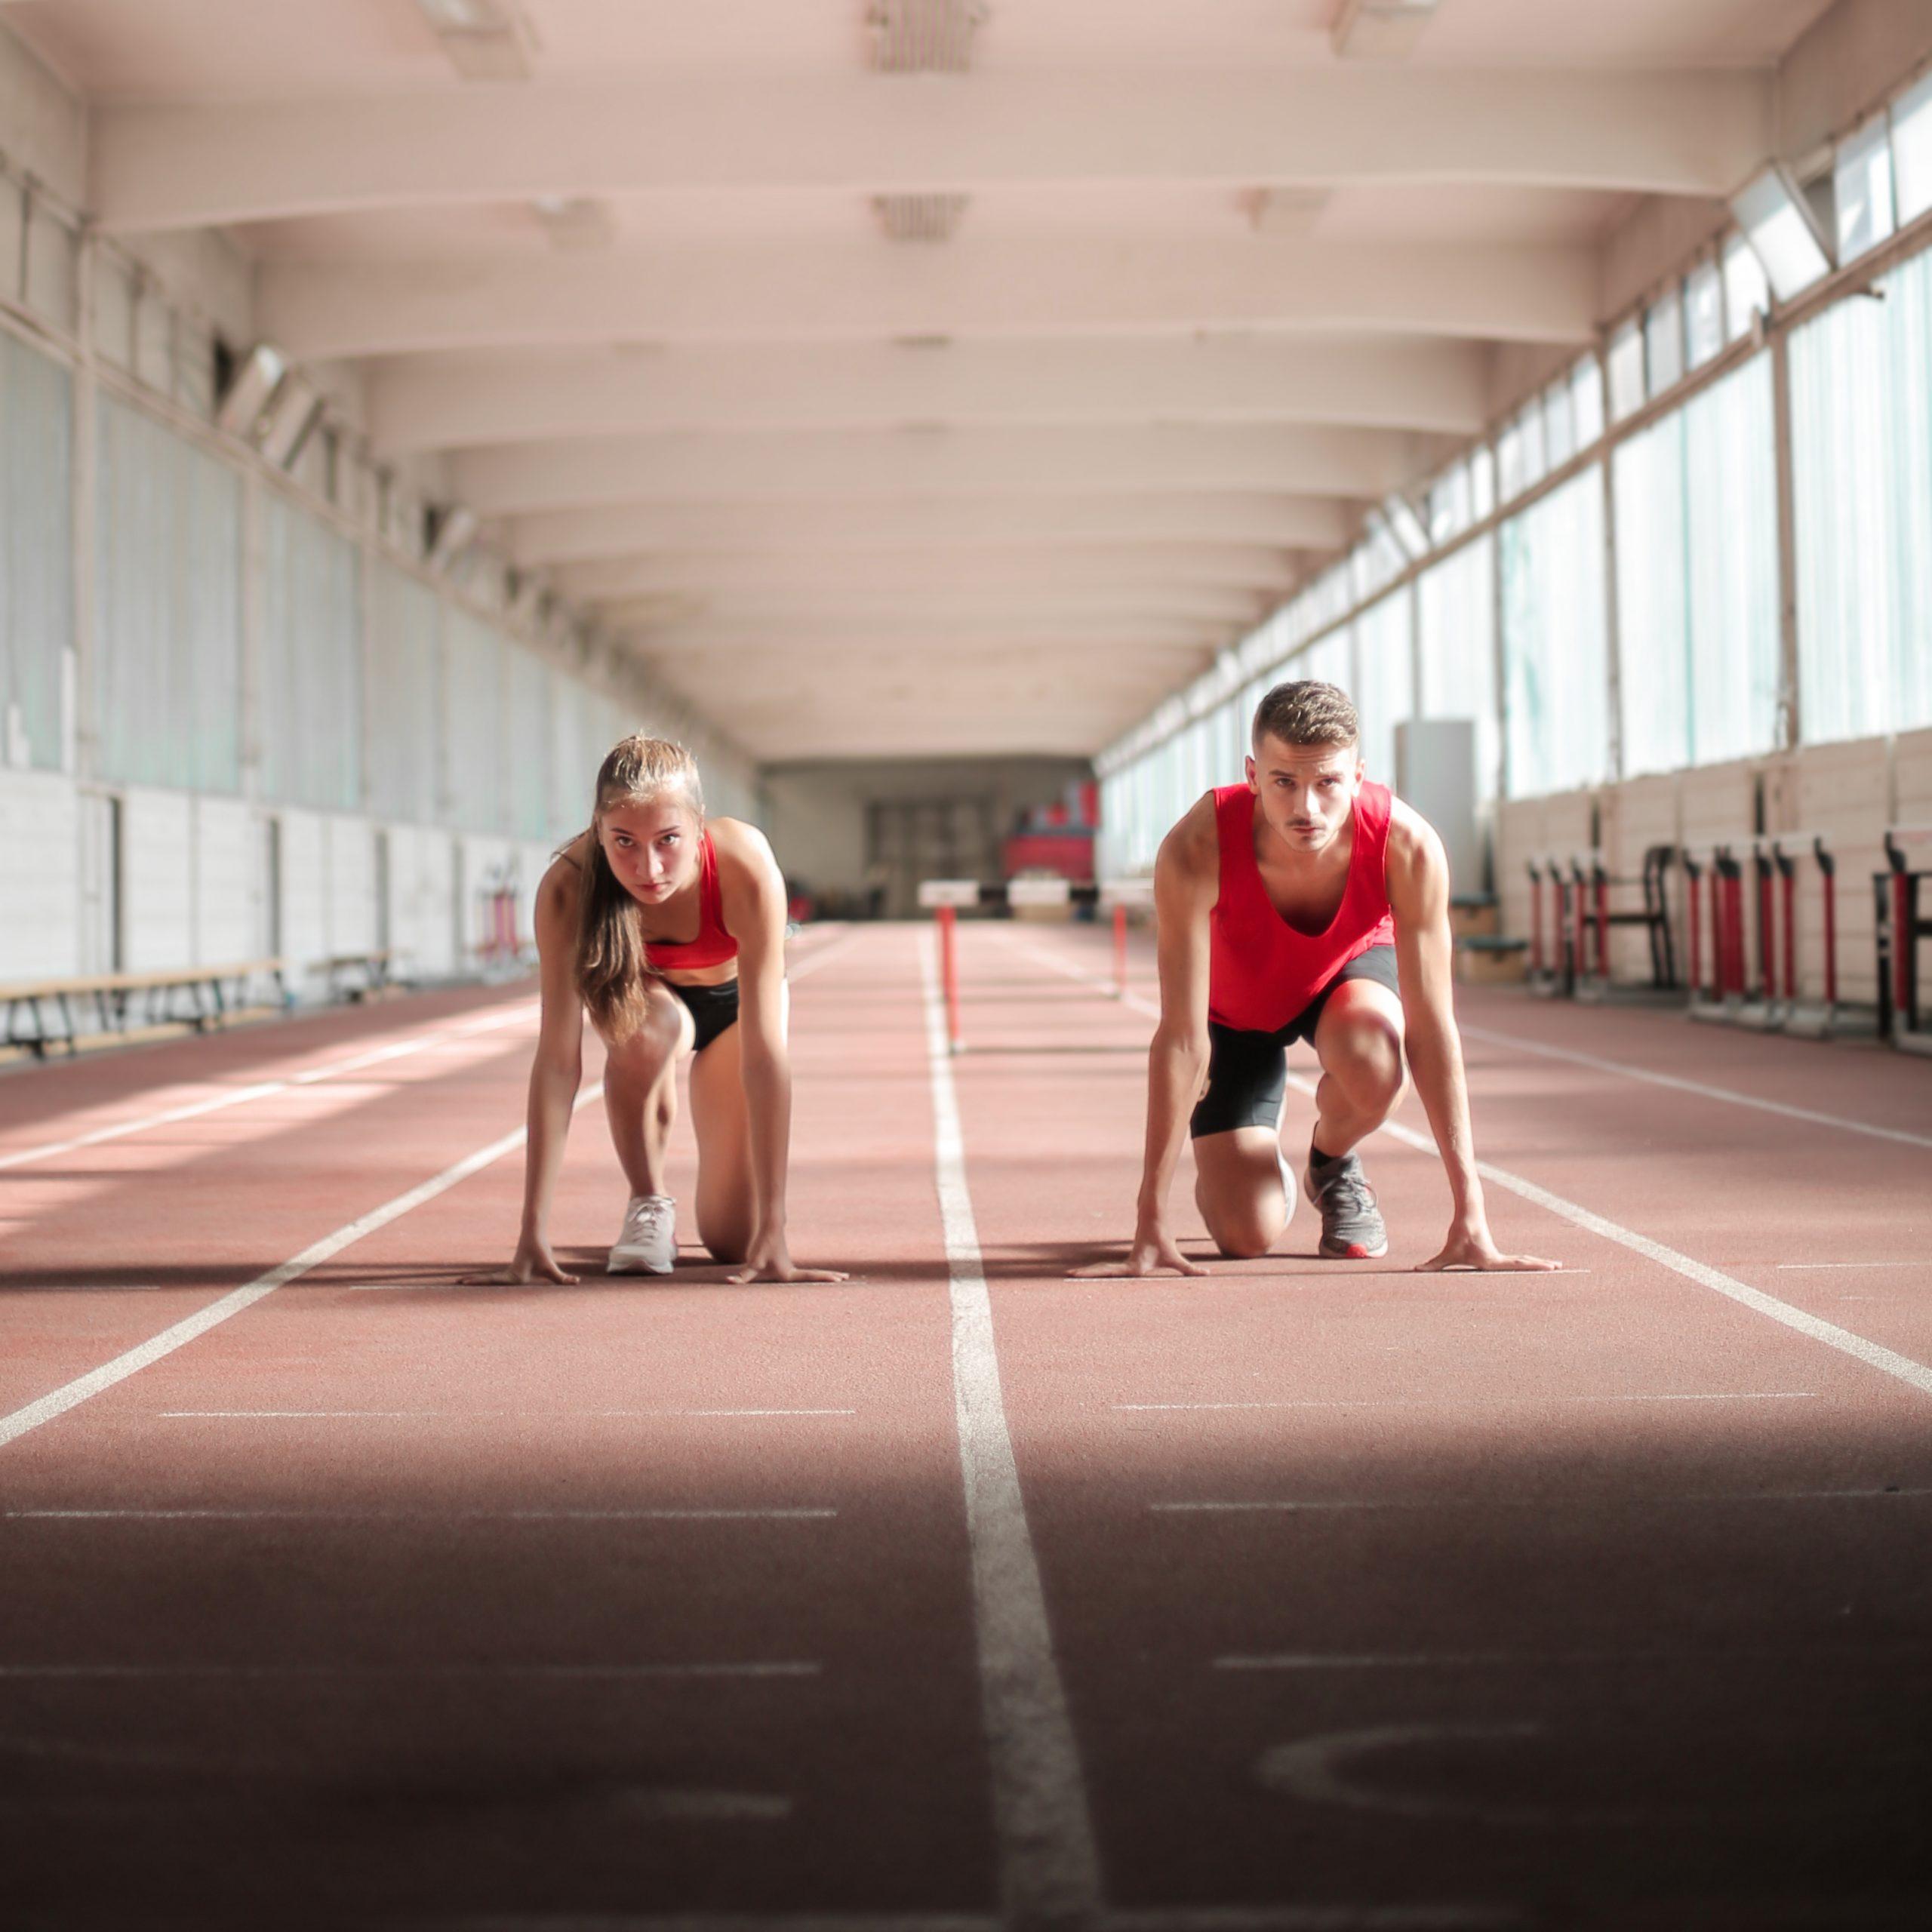 Различията между половете от спортна гледна точка.